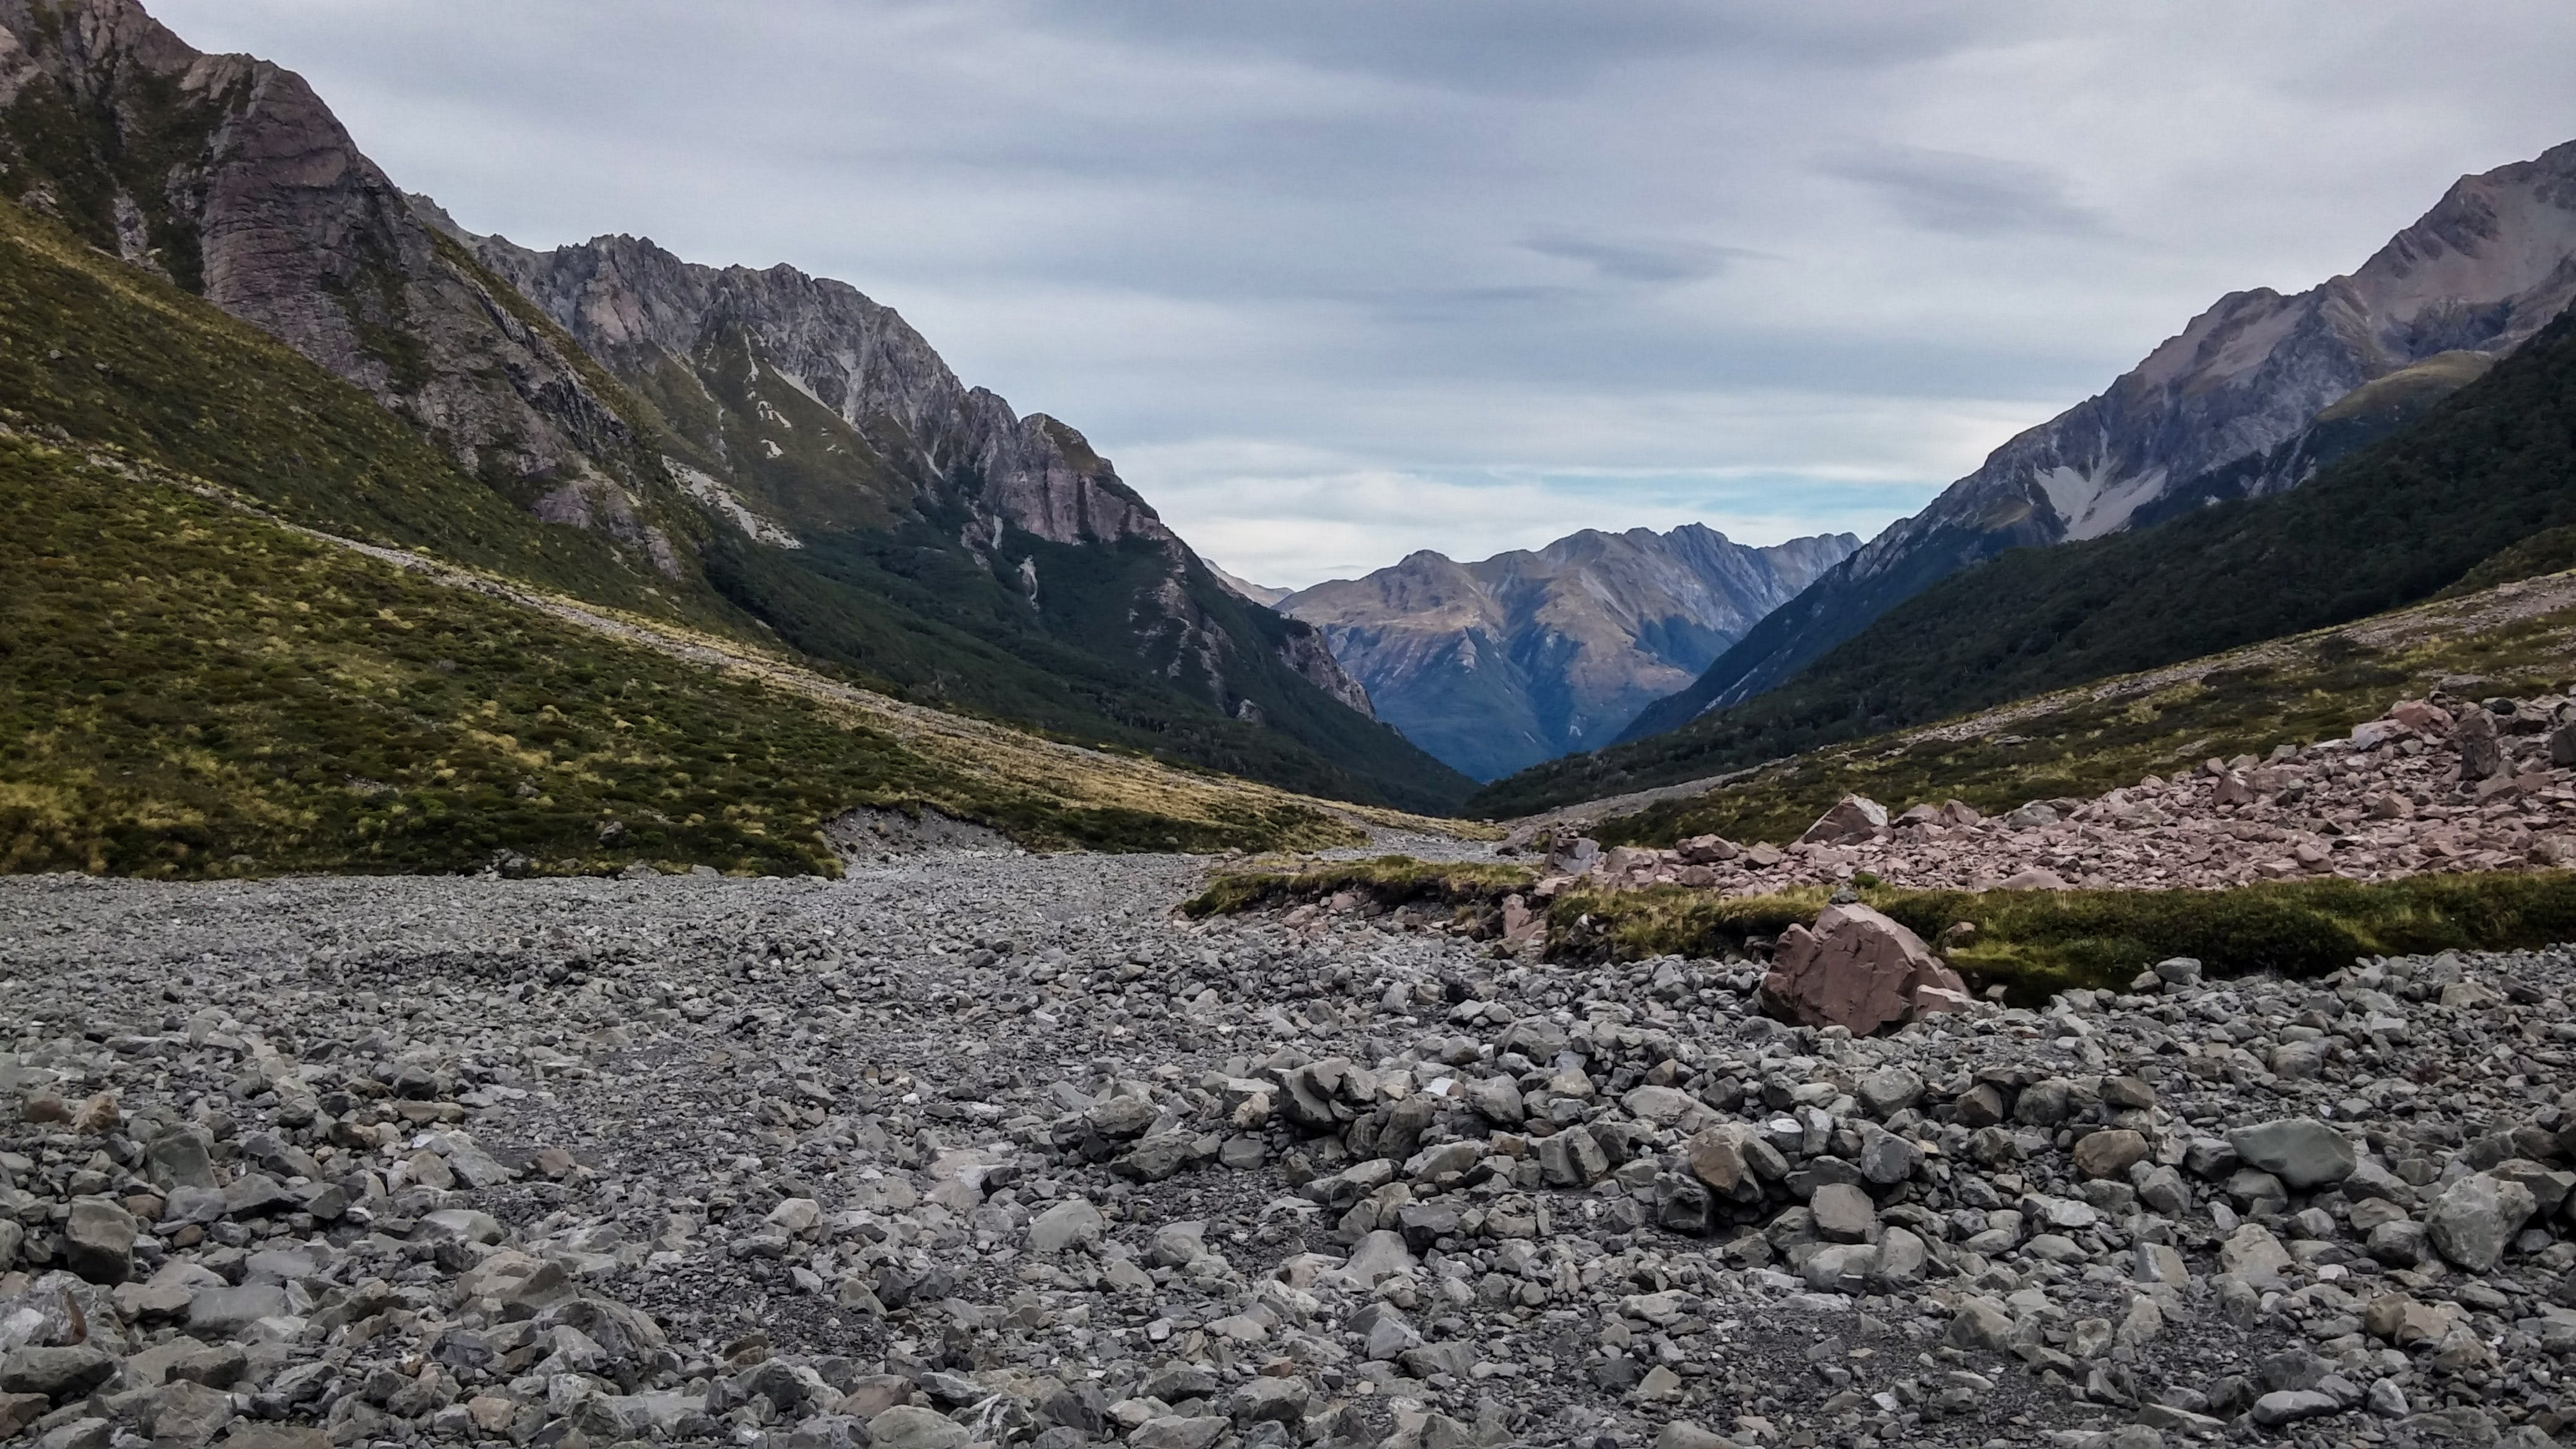 Gratis lagerfoto af bjerg, dagslys, klippefyldt, landskab